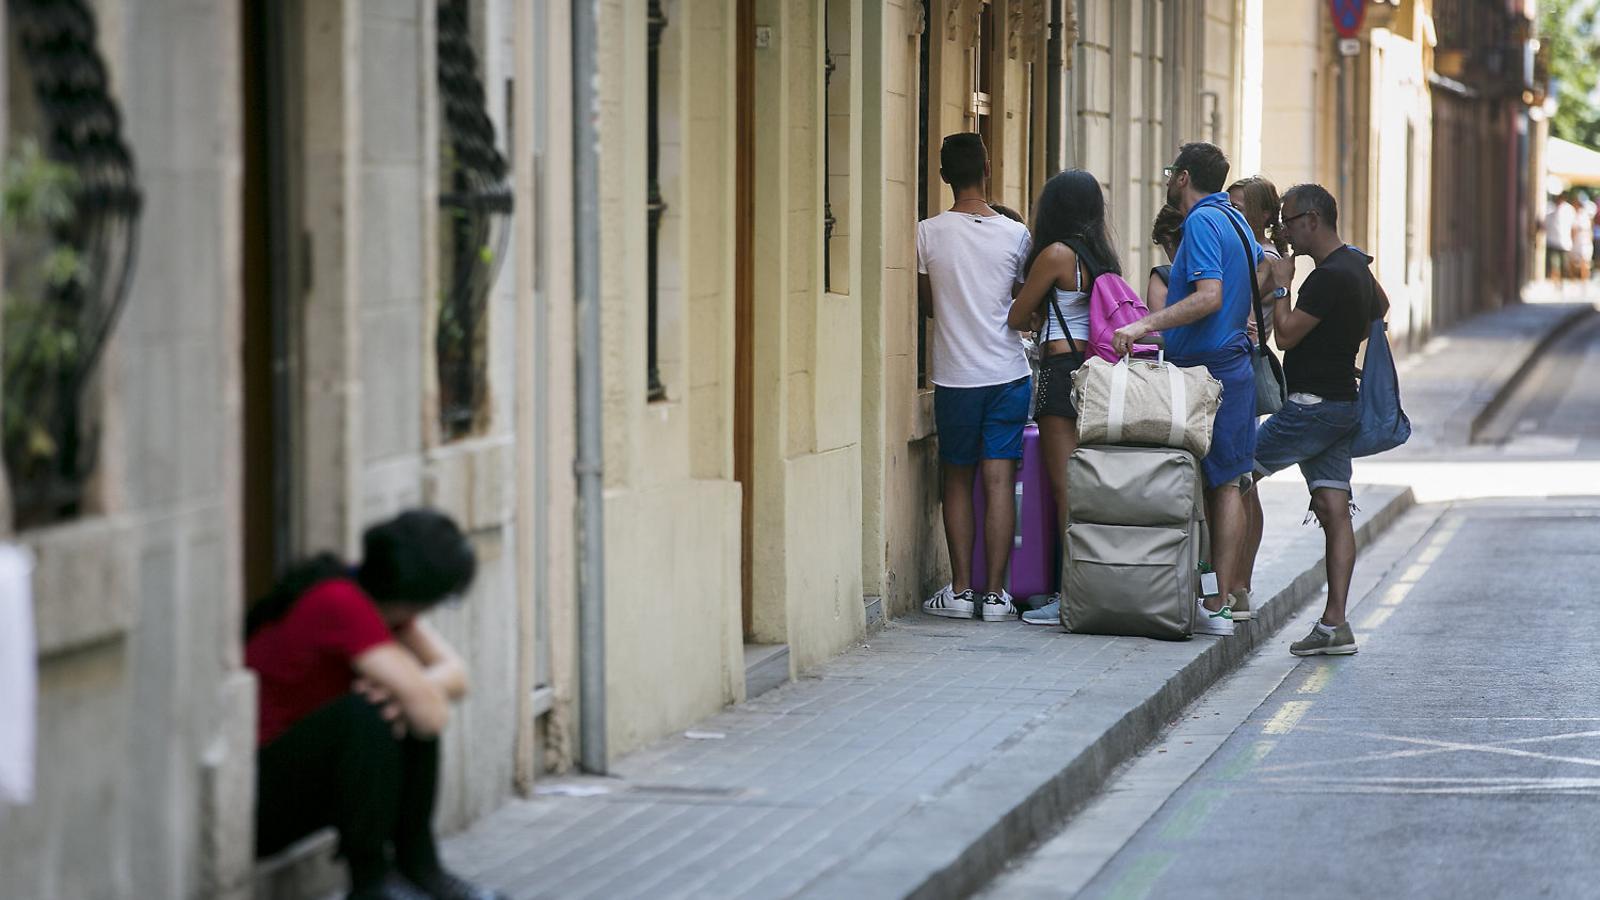 Un grup de turistes entrant en un apartament turístic al barri de la Barceloneta.